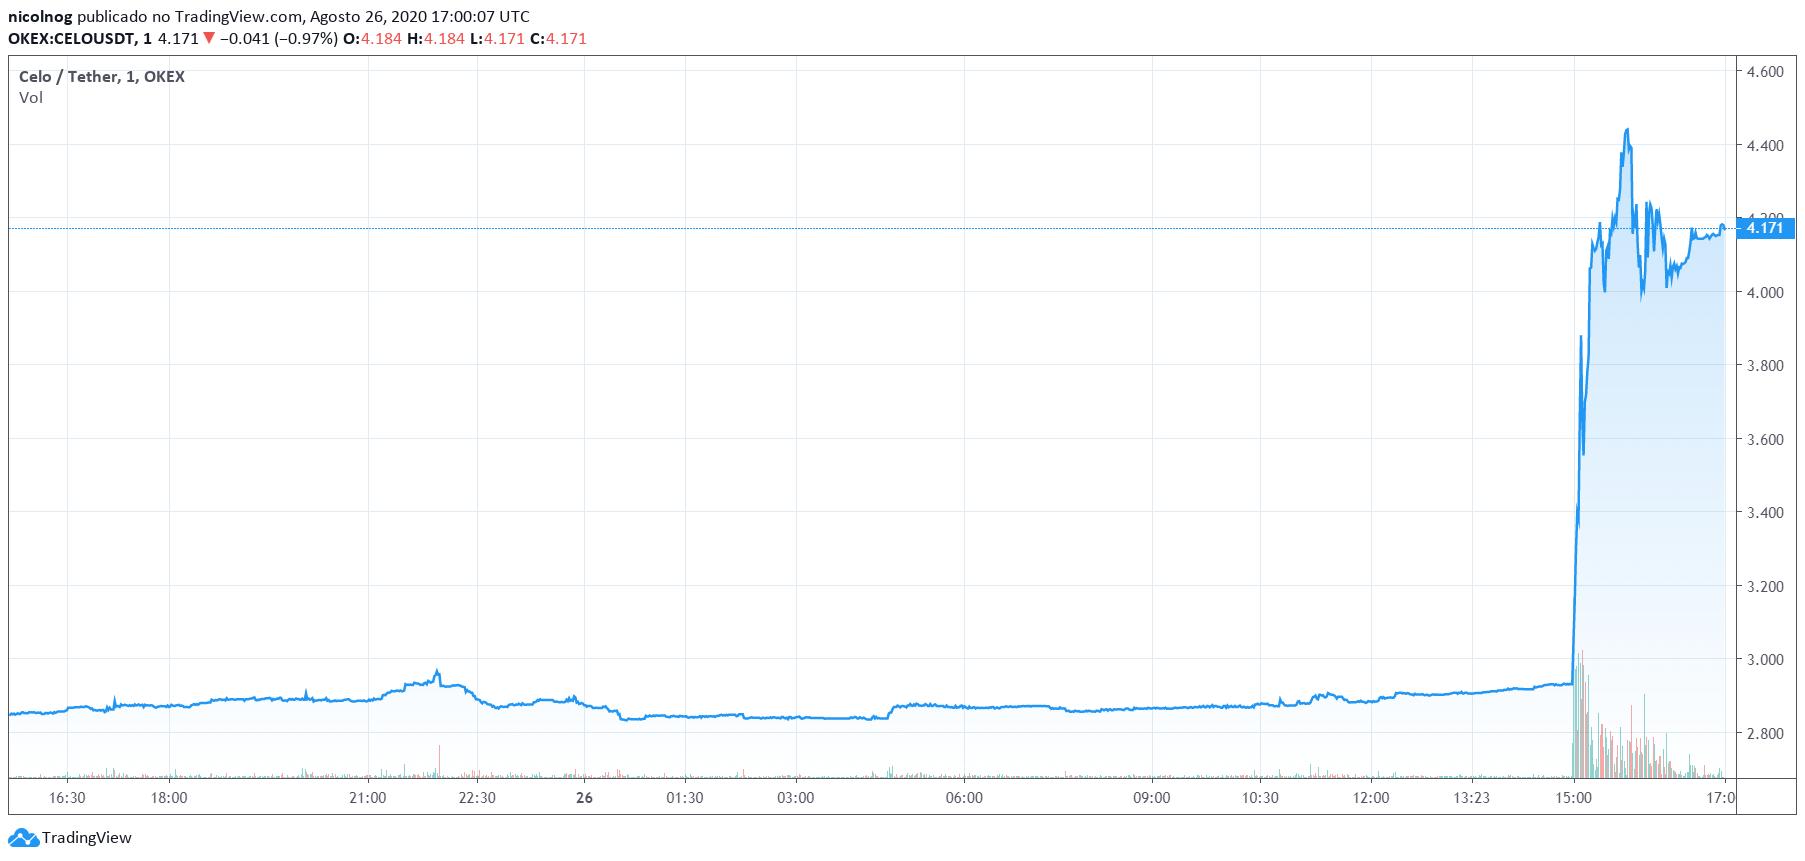 Preço do Celo x Tether, nas últimas 24 horas